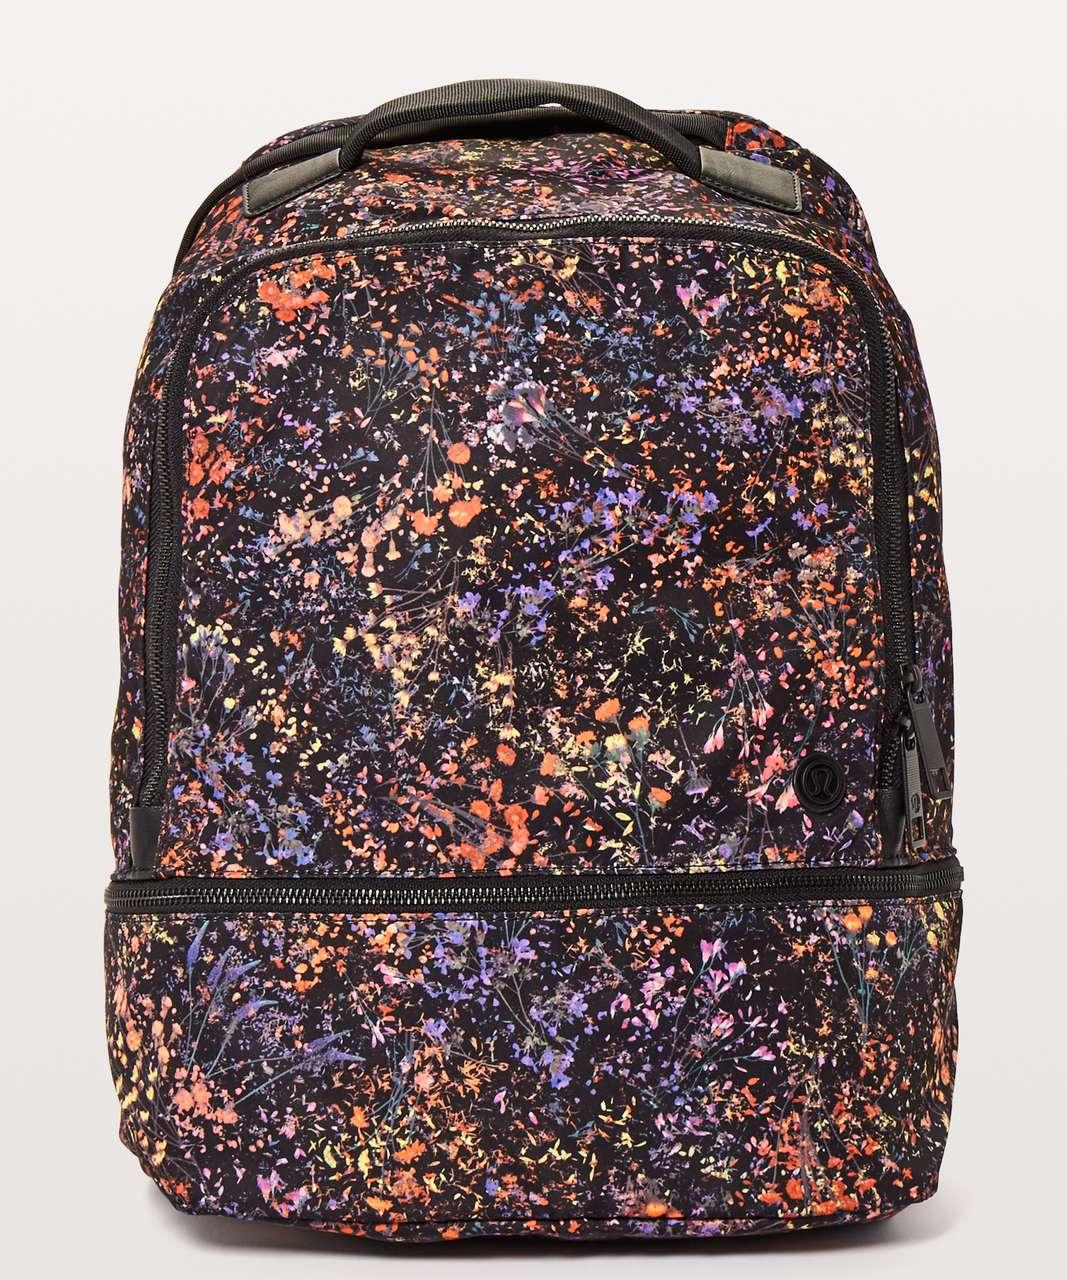 Lululemon City Adventurer Backpack *17L - Flowerescent Multi / Black